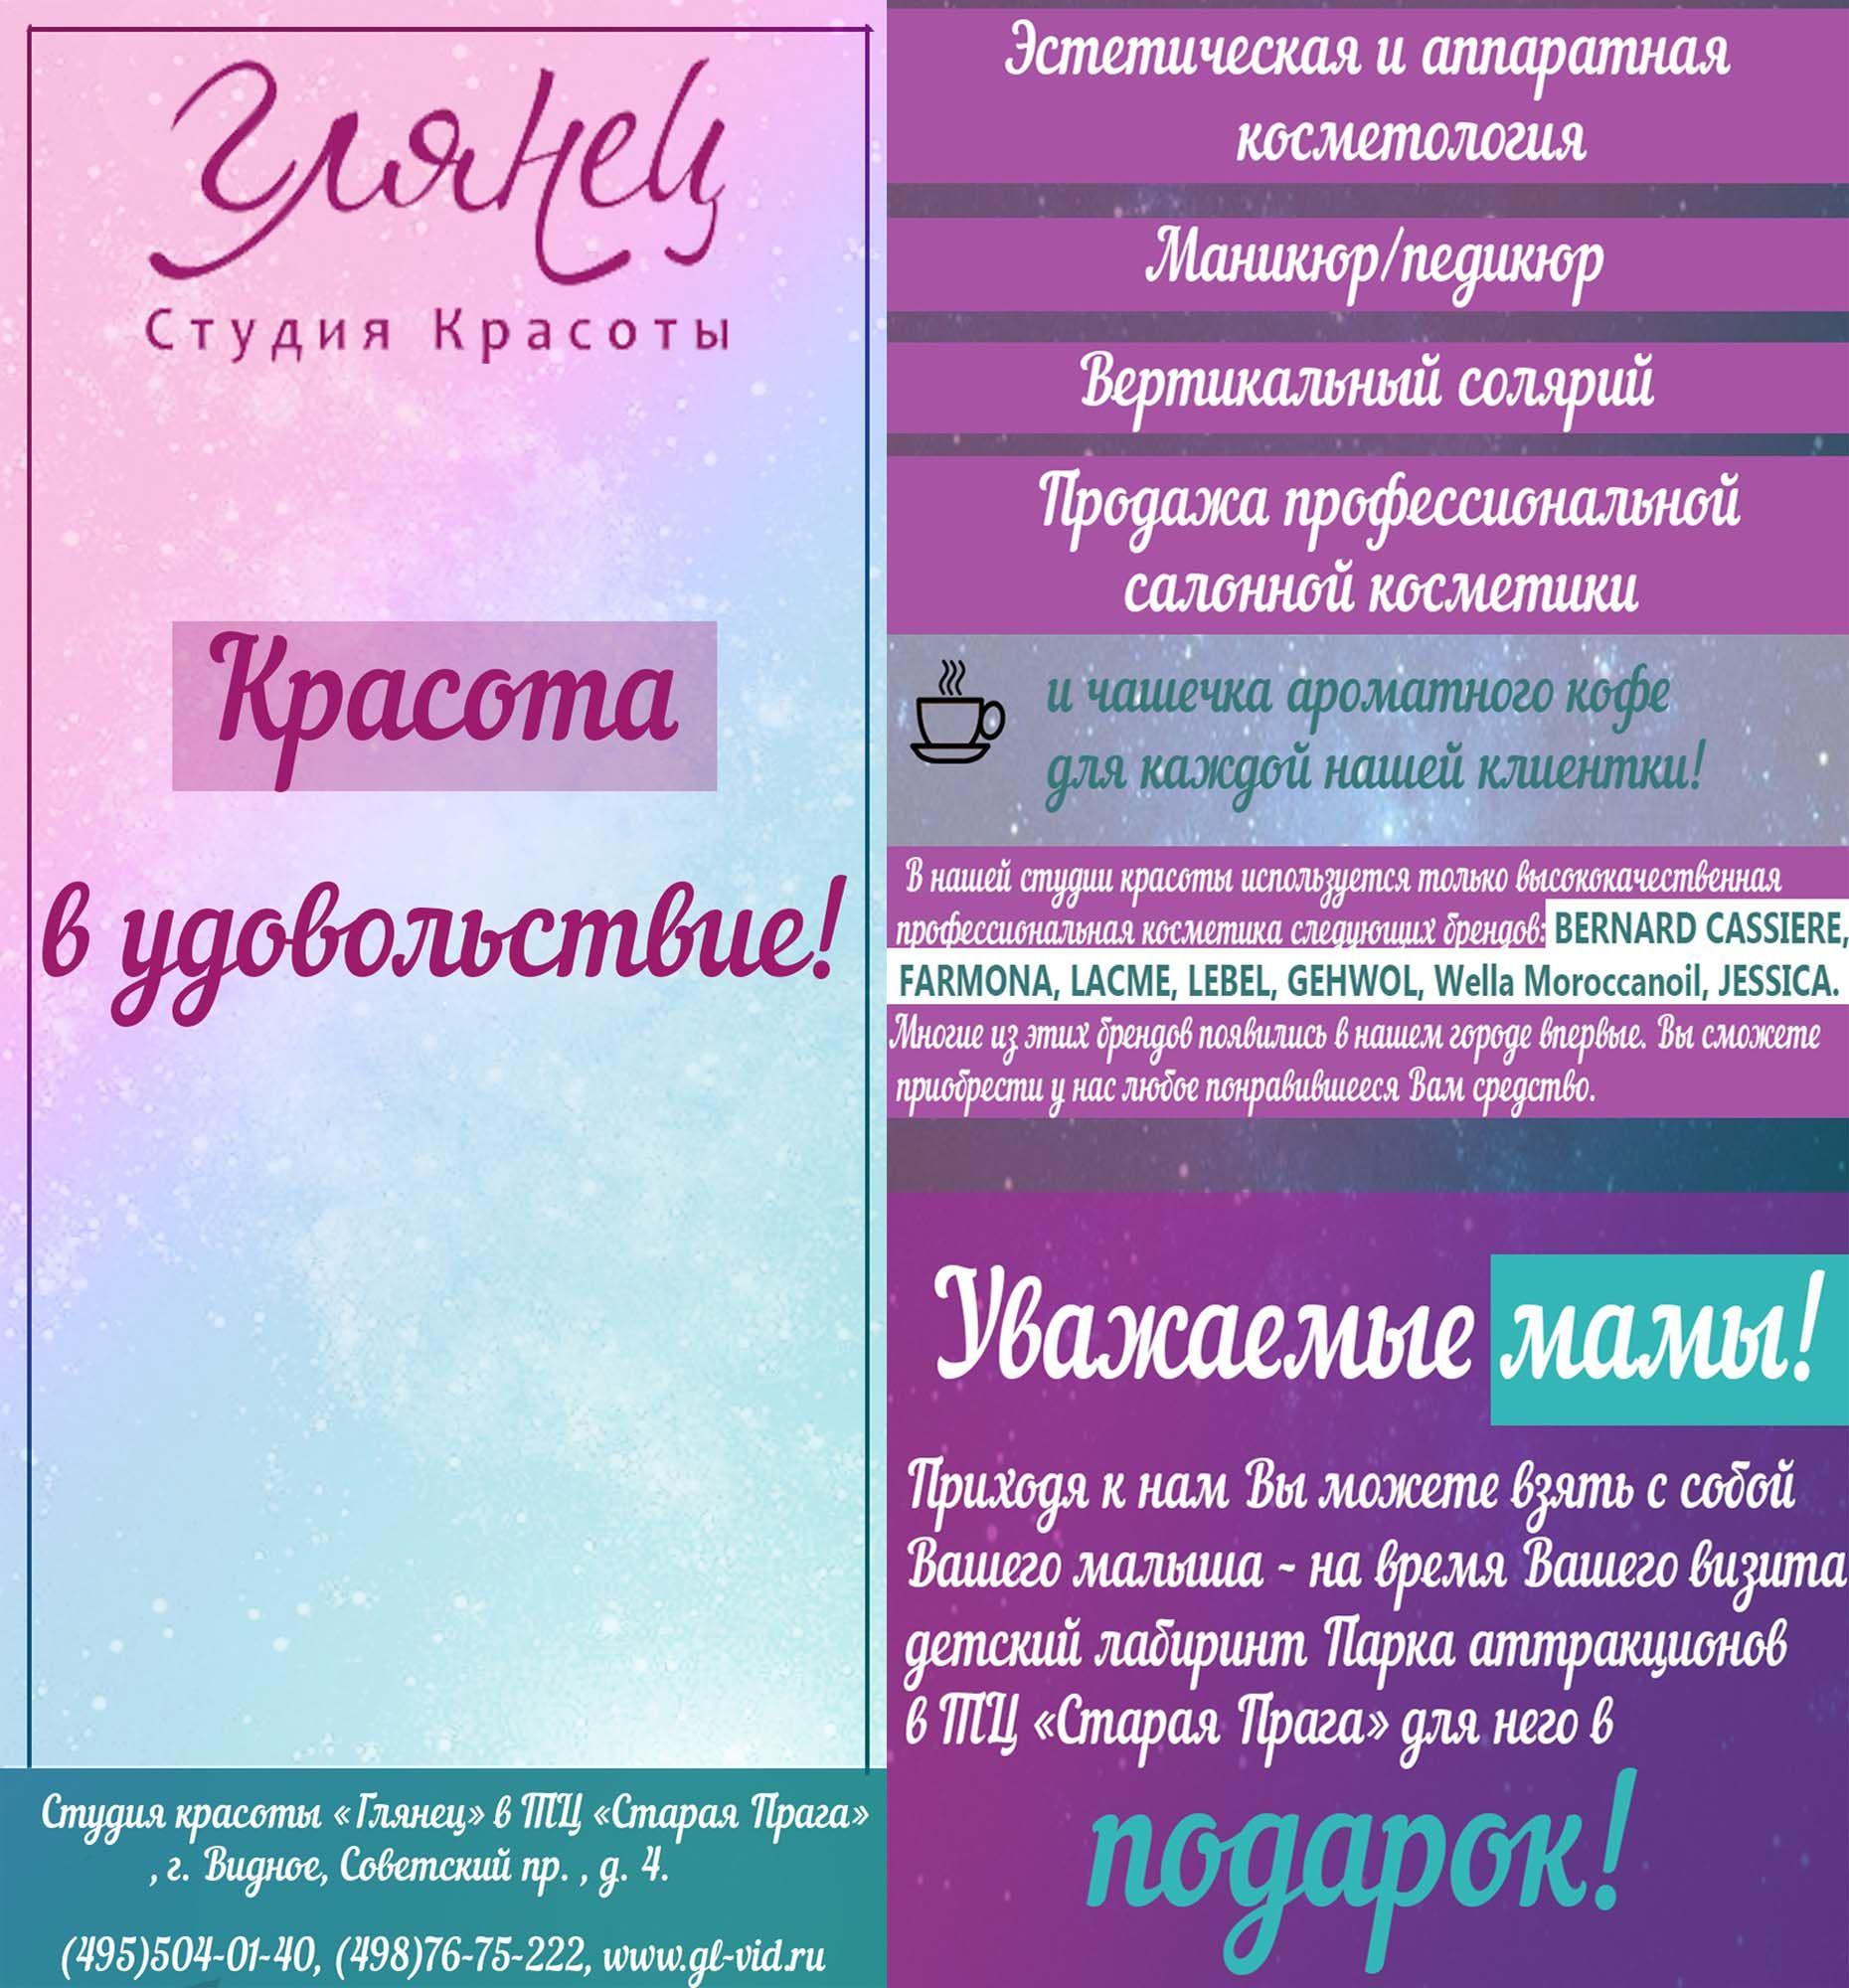 Листовка для студии красоты ГЛЯНЕЦ - дизайнер Jenkaururu